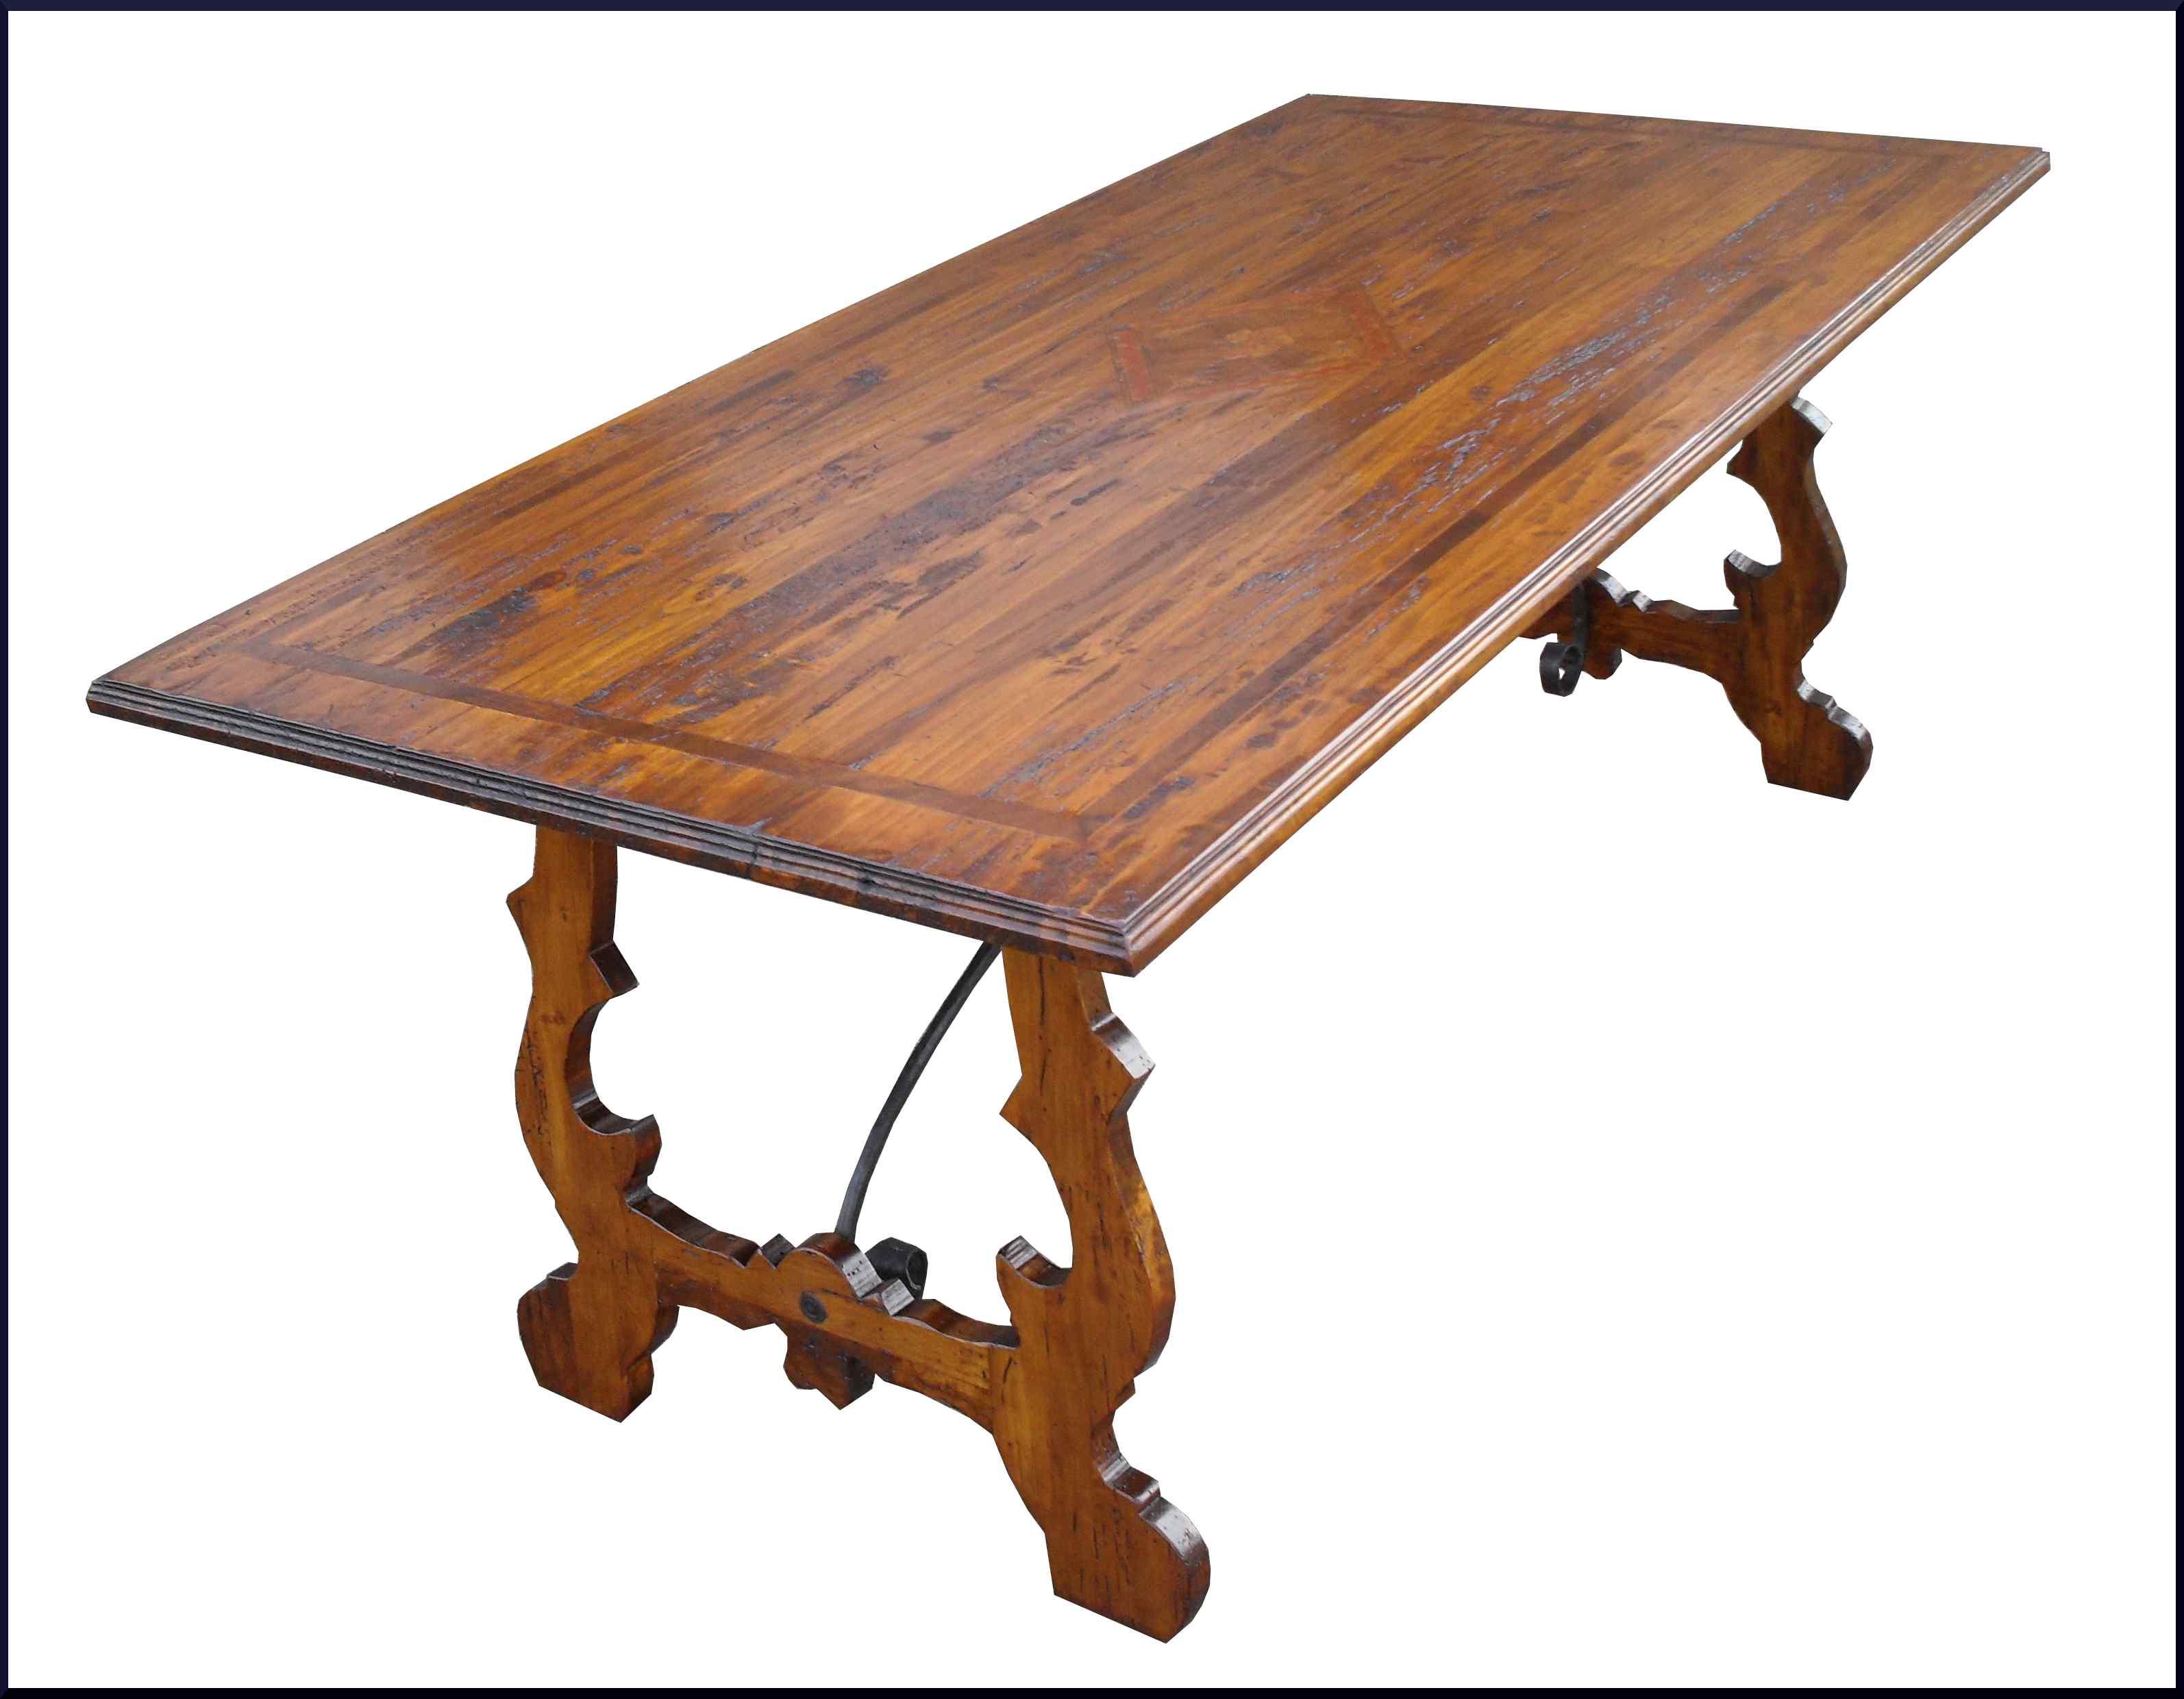 Tavolo fratino con ferri in legno antico 600 - La Commode di ...